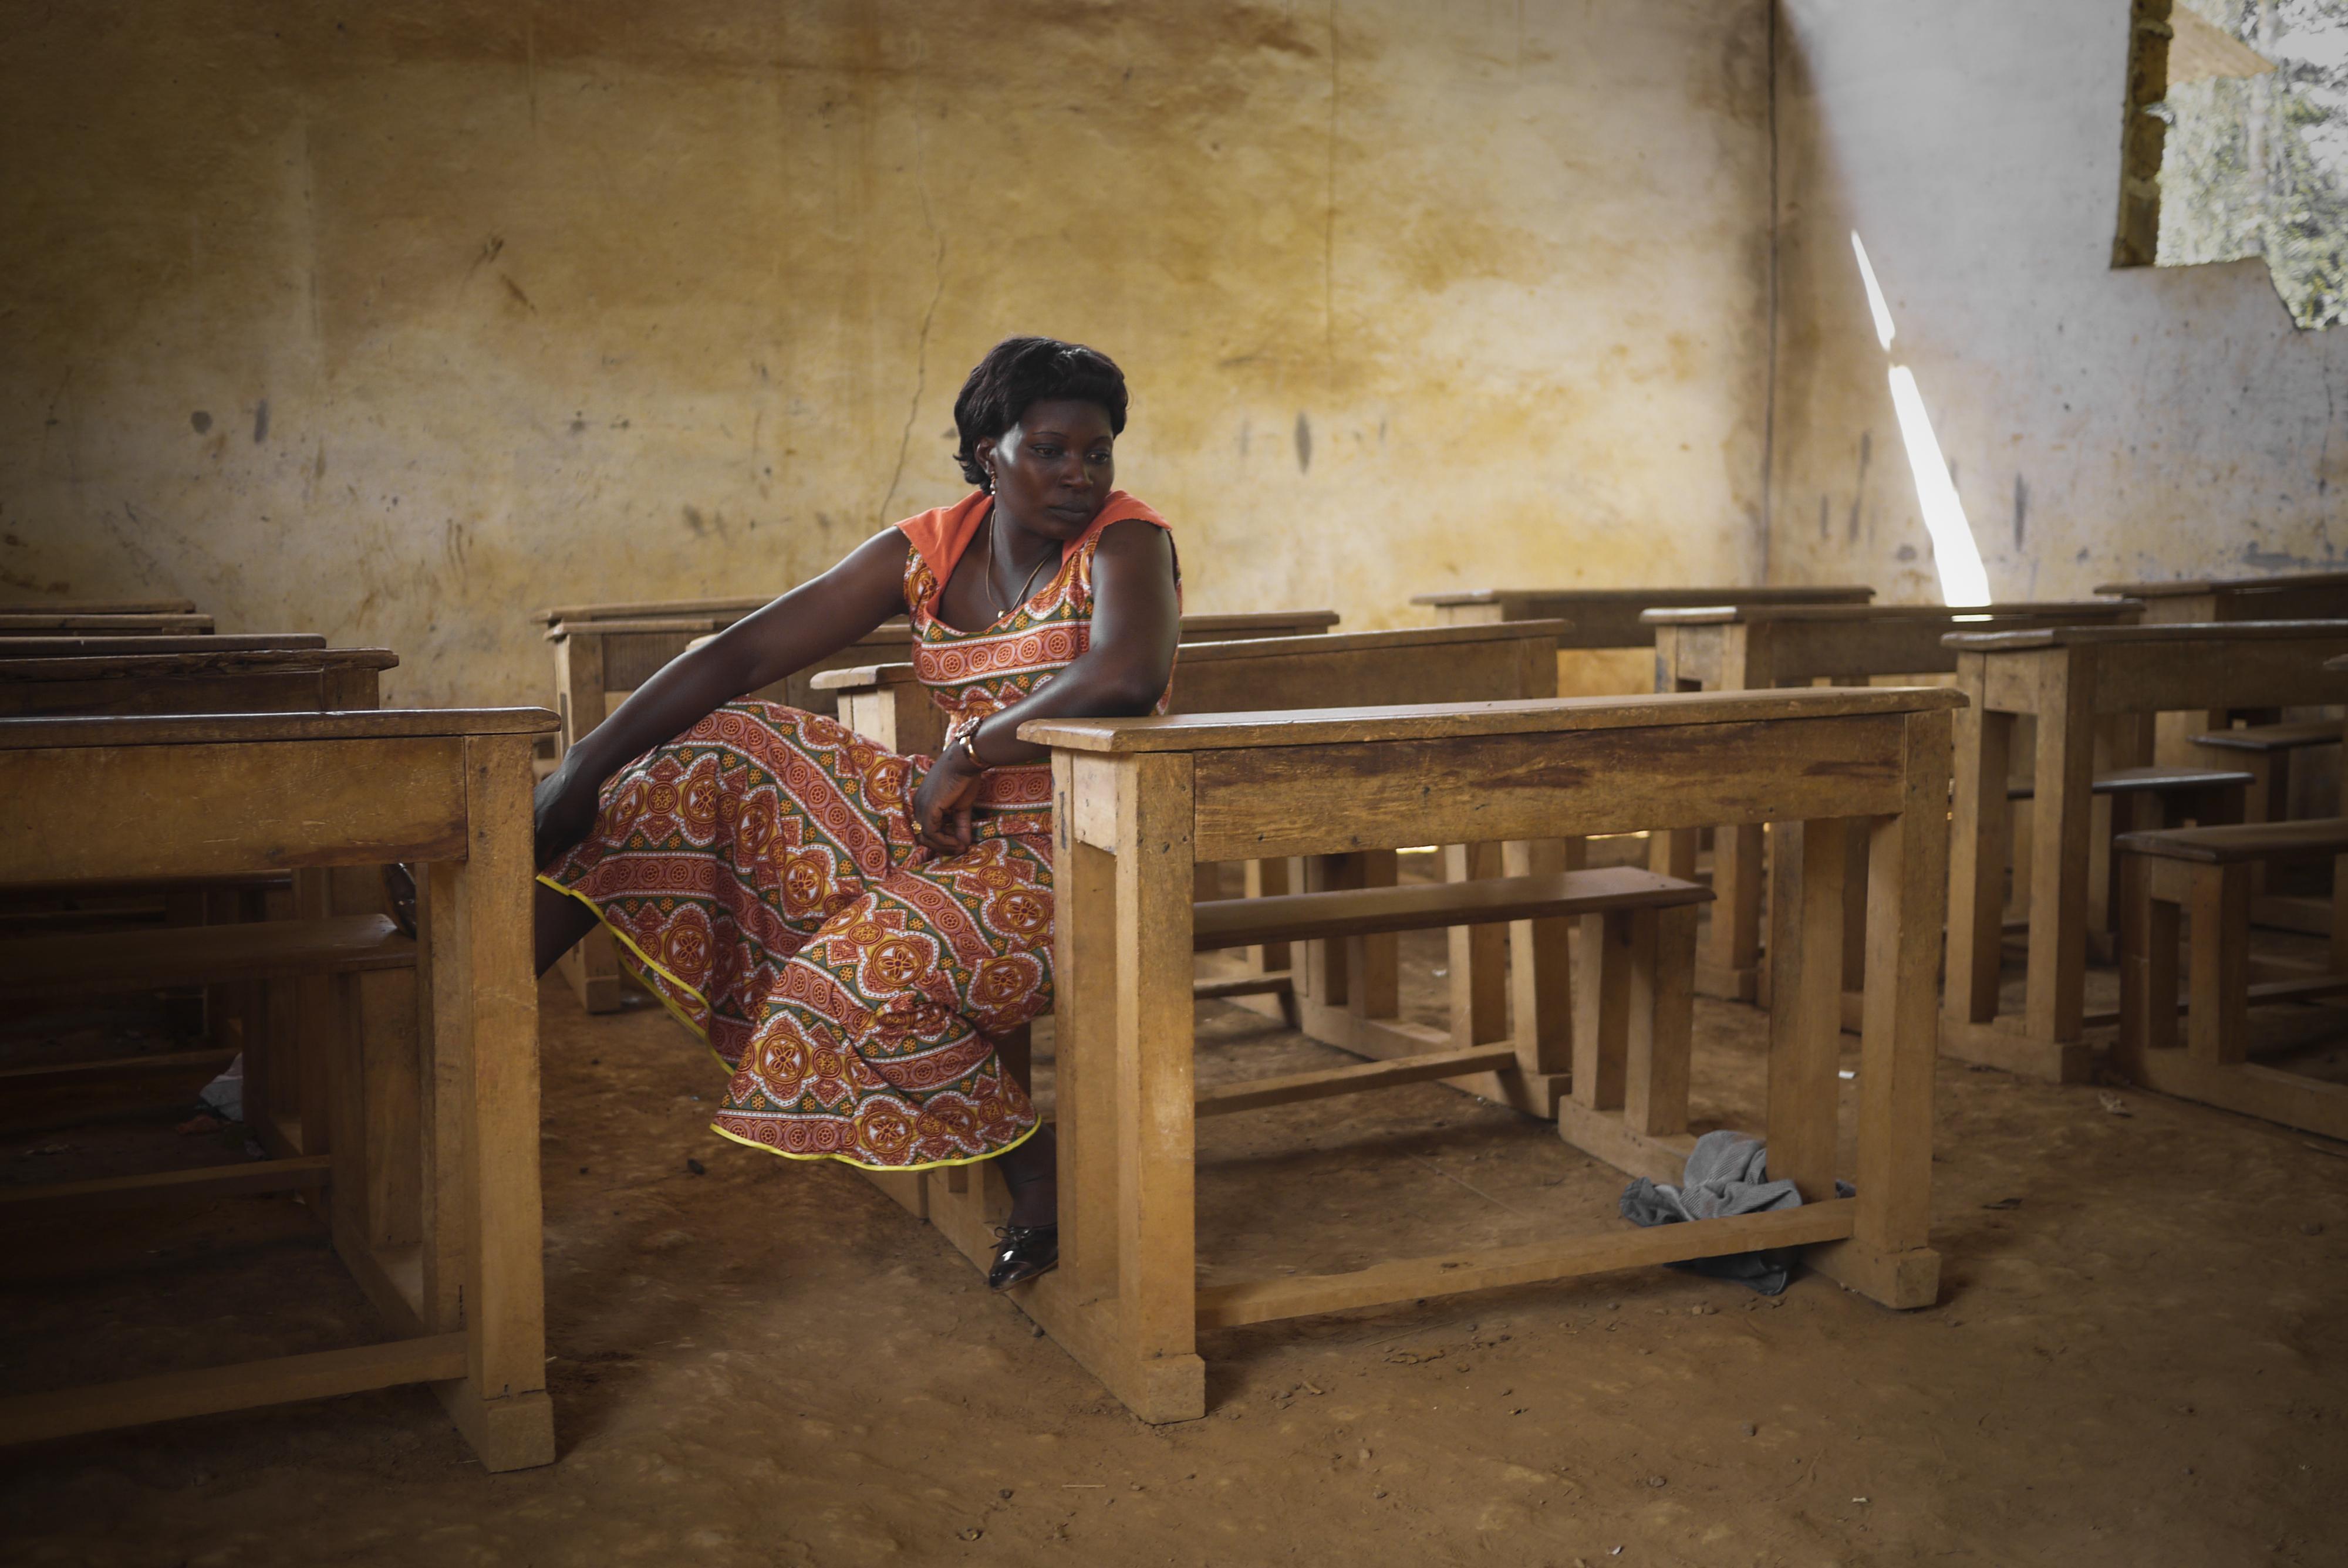 School // Cameroon